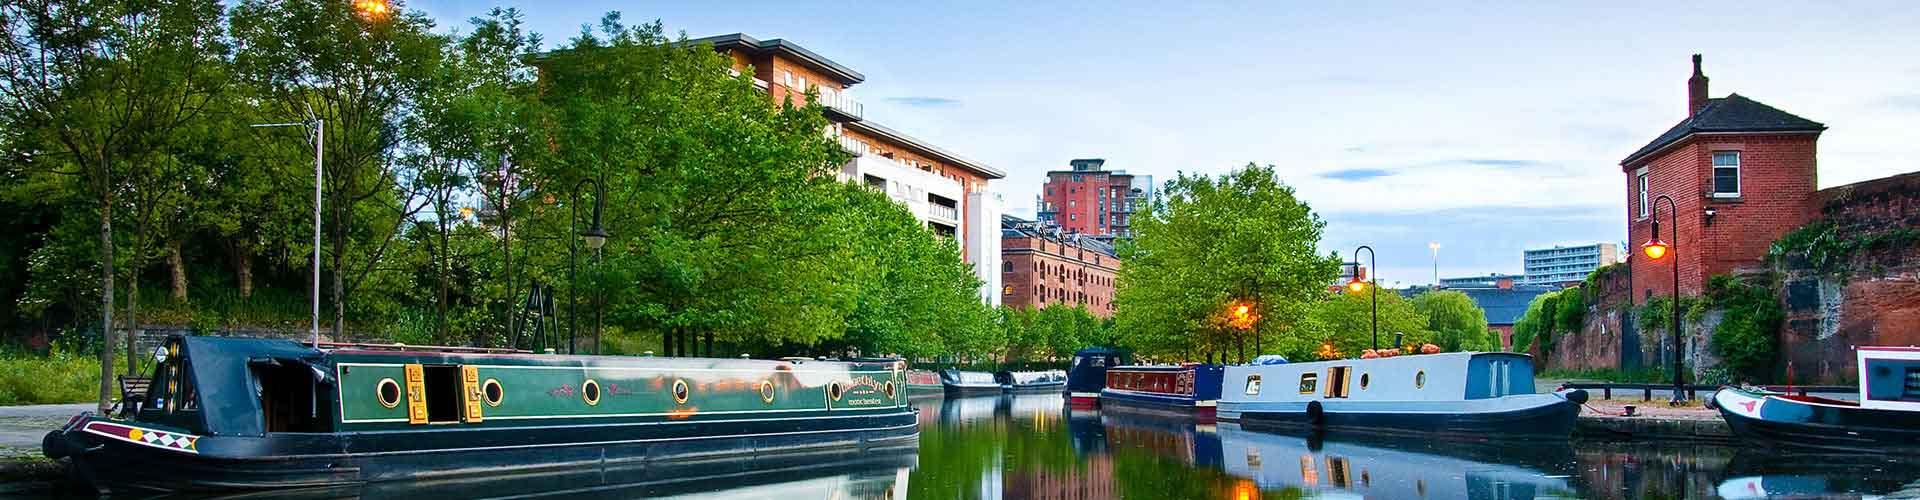 Manchester - Hôtels dans le quartier de Gorton. Cartes pour Manchester, photos et commentaires pour chaque hôtel à Manchester.